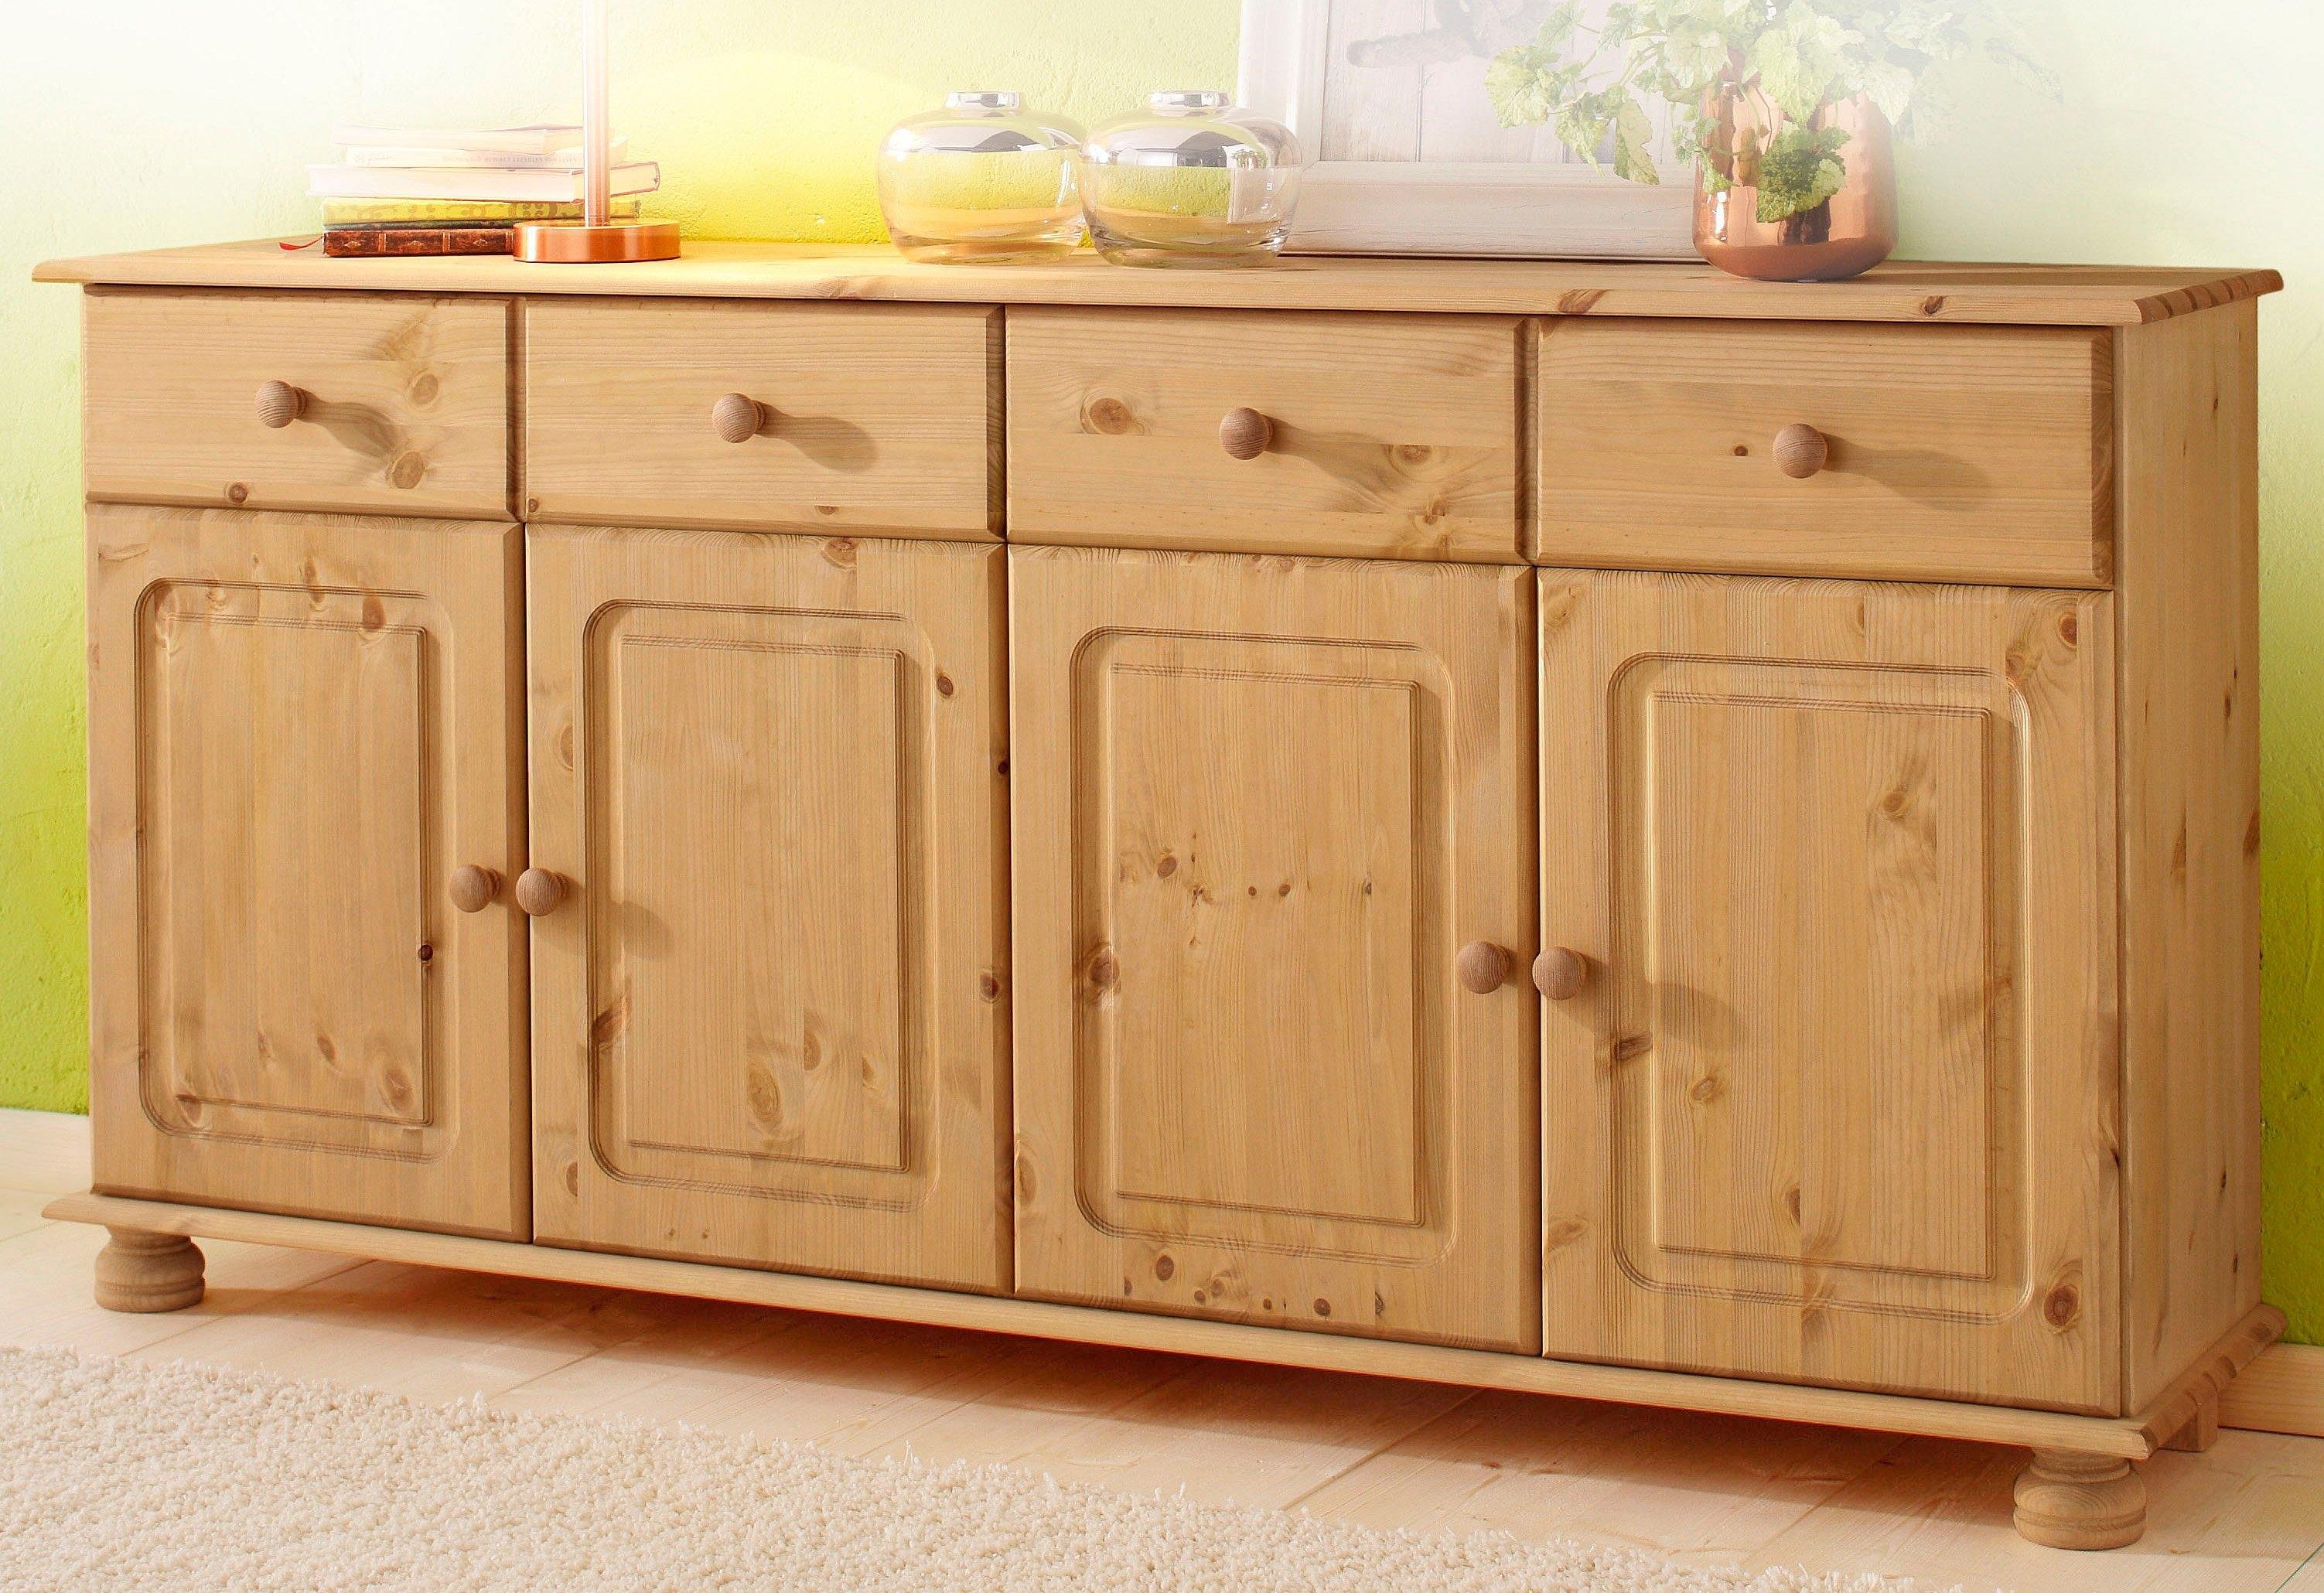 Home Affaire Sideboard Mette breedte 156 cm veilig op otto.nl kopen